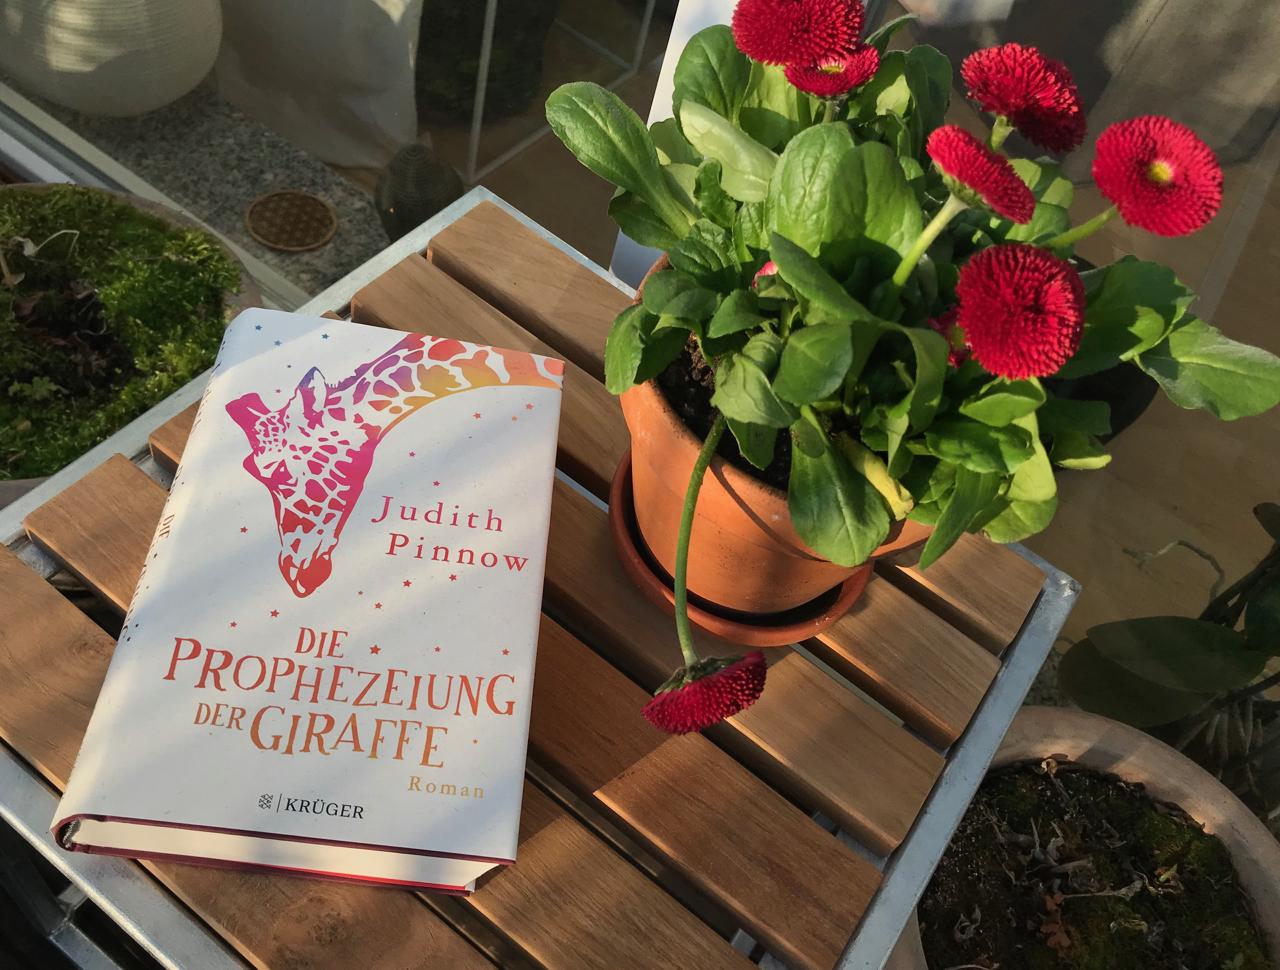 """Buch """"Die Prophezeiung der Giraffe"""" auf dem Terrassentisch neben einer roten Belli-Blume"""